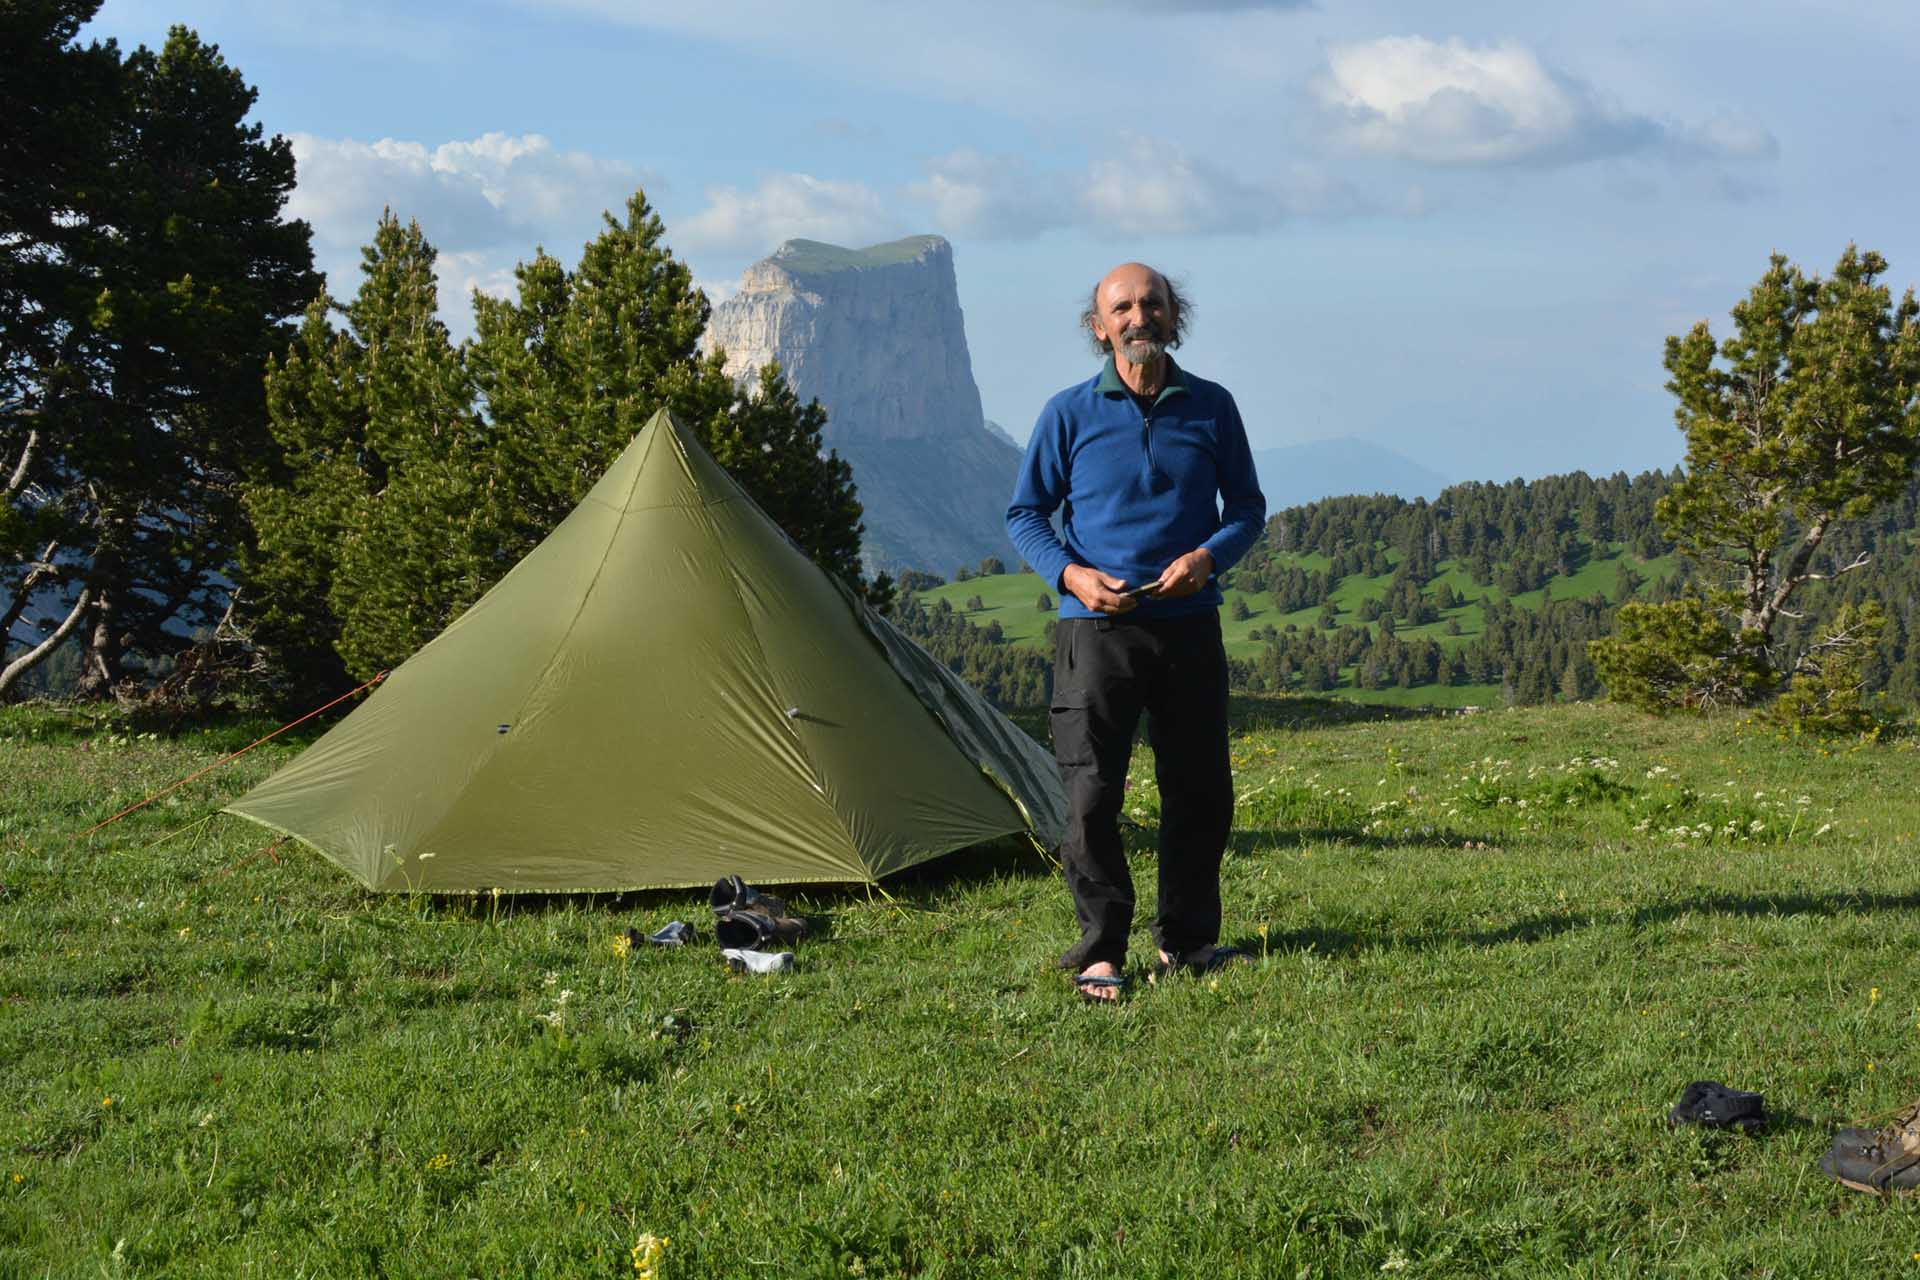 Slow Rando Sejour Liberte Decouverte Bivouac Hauts Plateaux Vercors Mont Aiguille Olivier